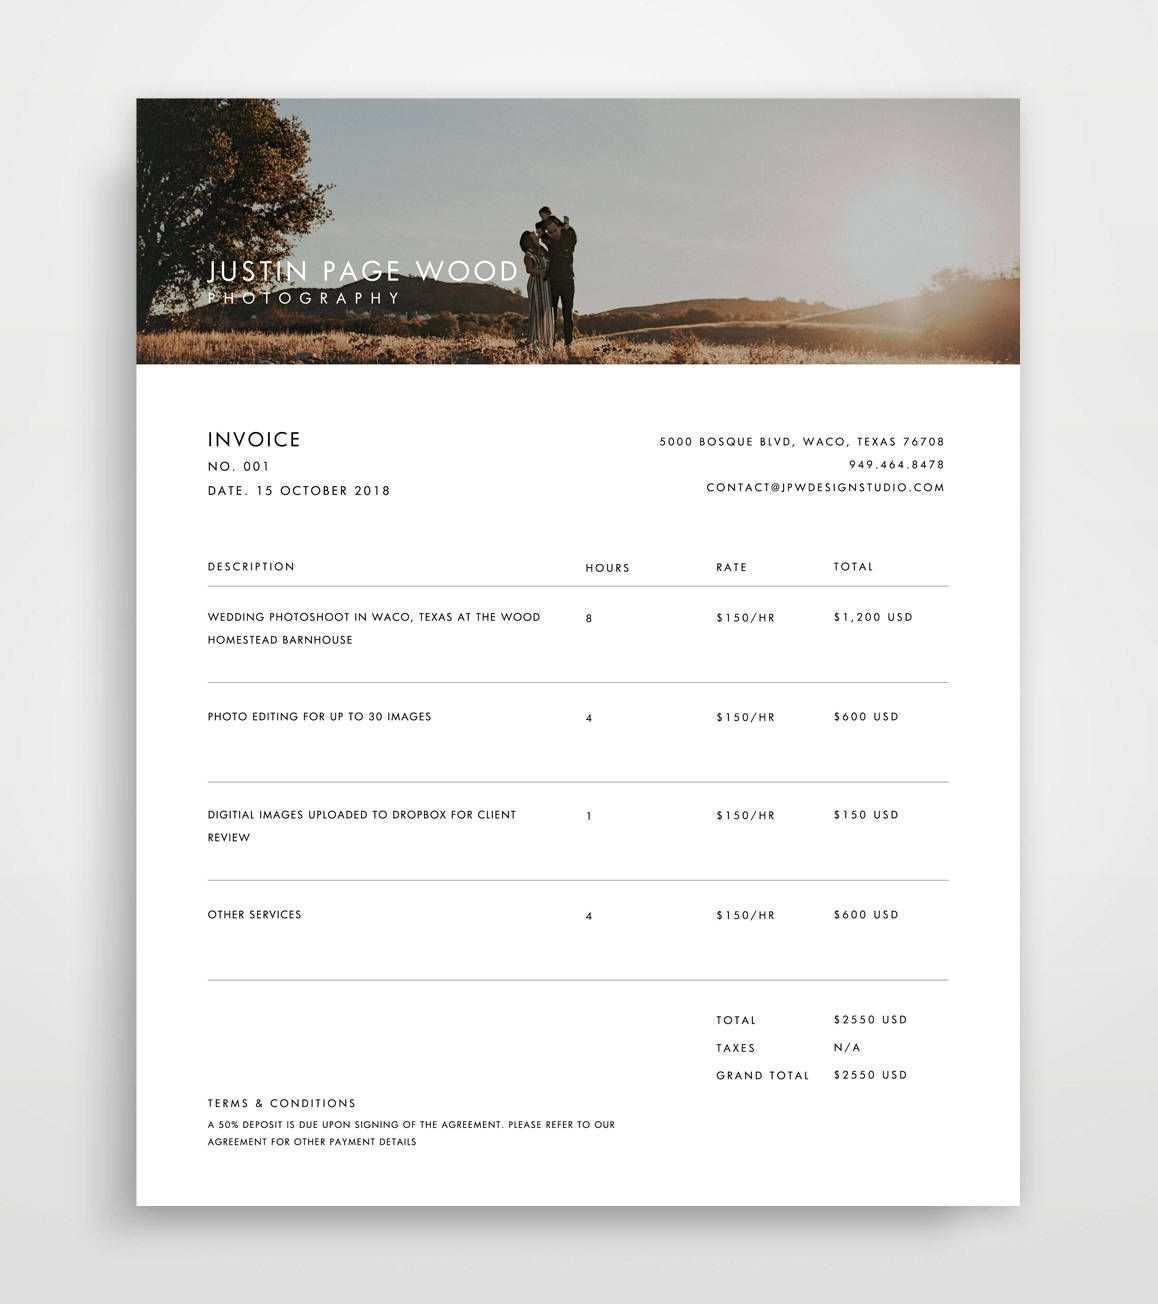 Rechnung Rechnungsvorlage Rechnung Vorlage Fotografie Etsy Photography Invoice Template Photography Invoice Invoice Template